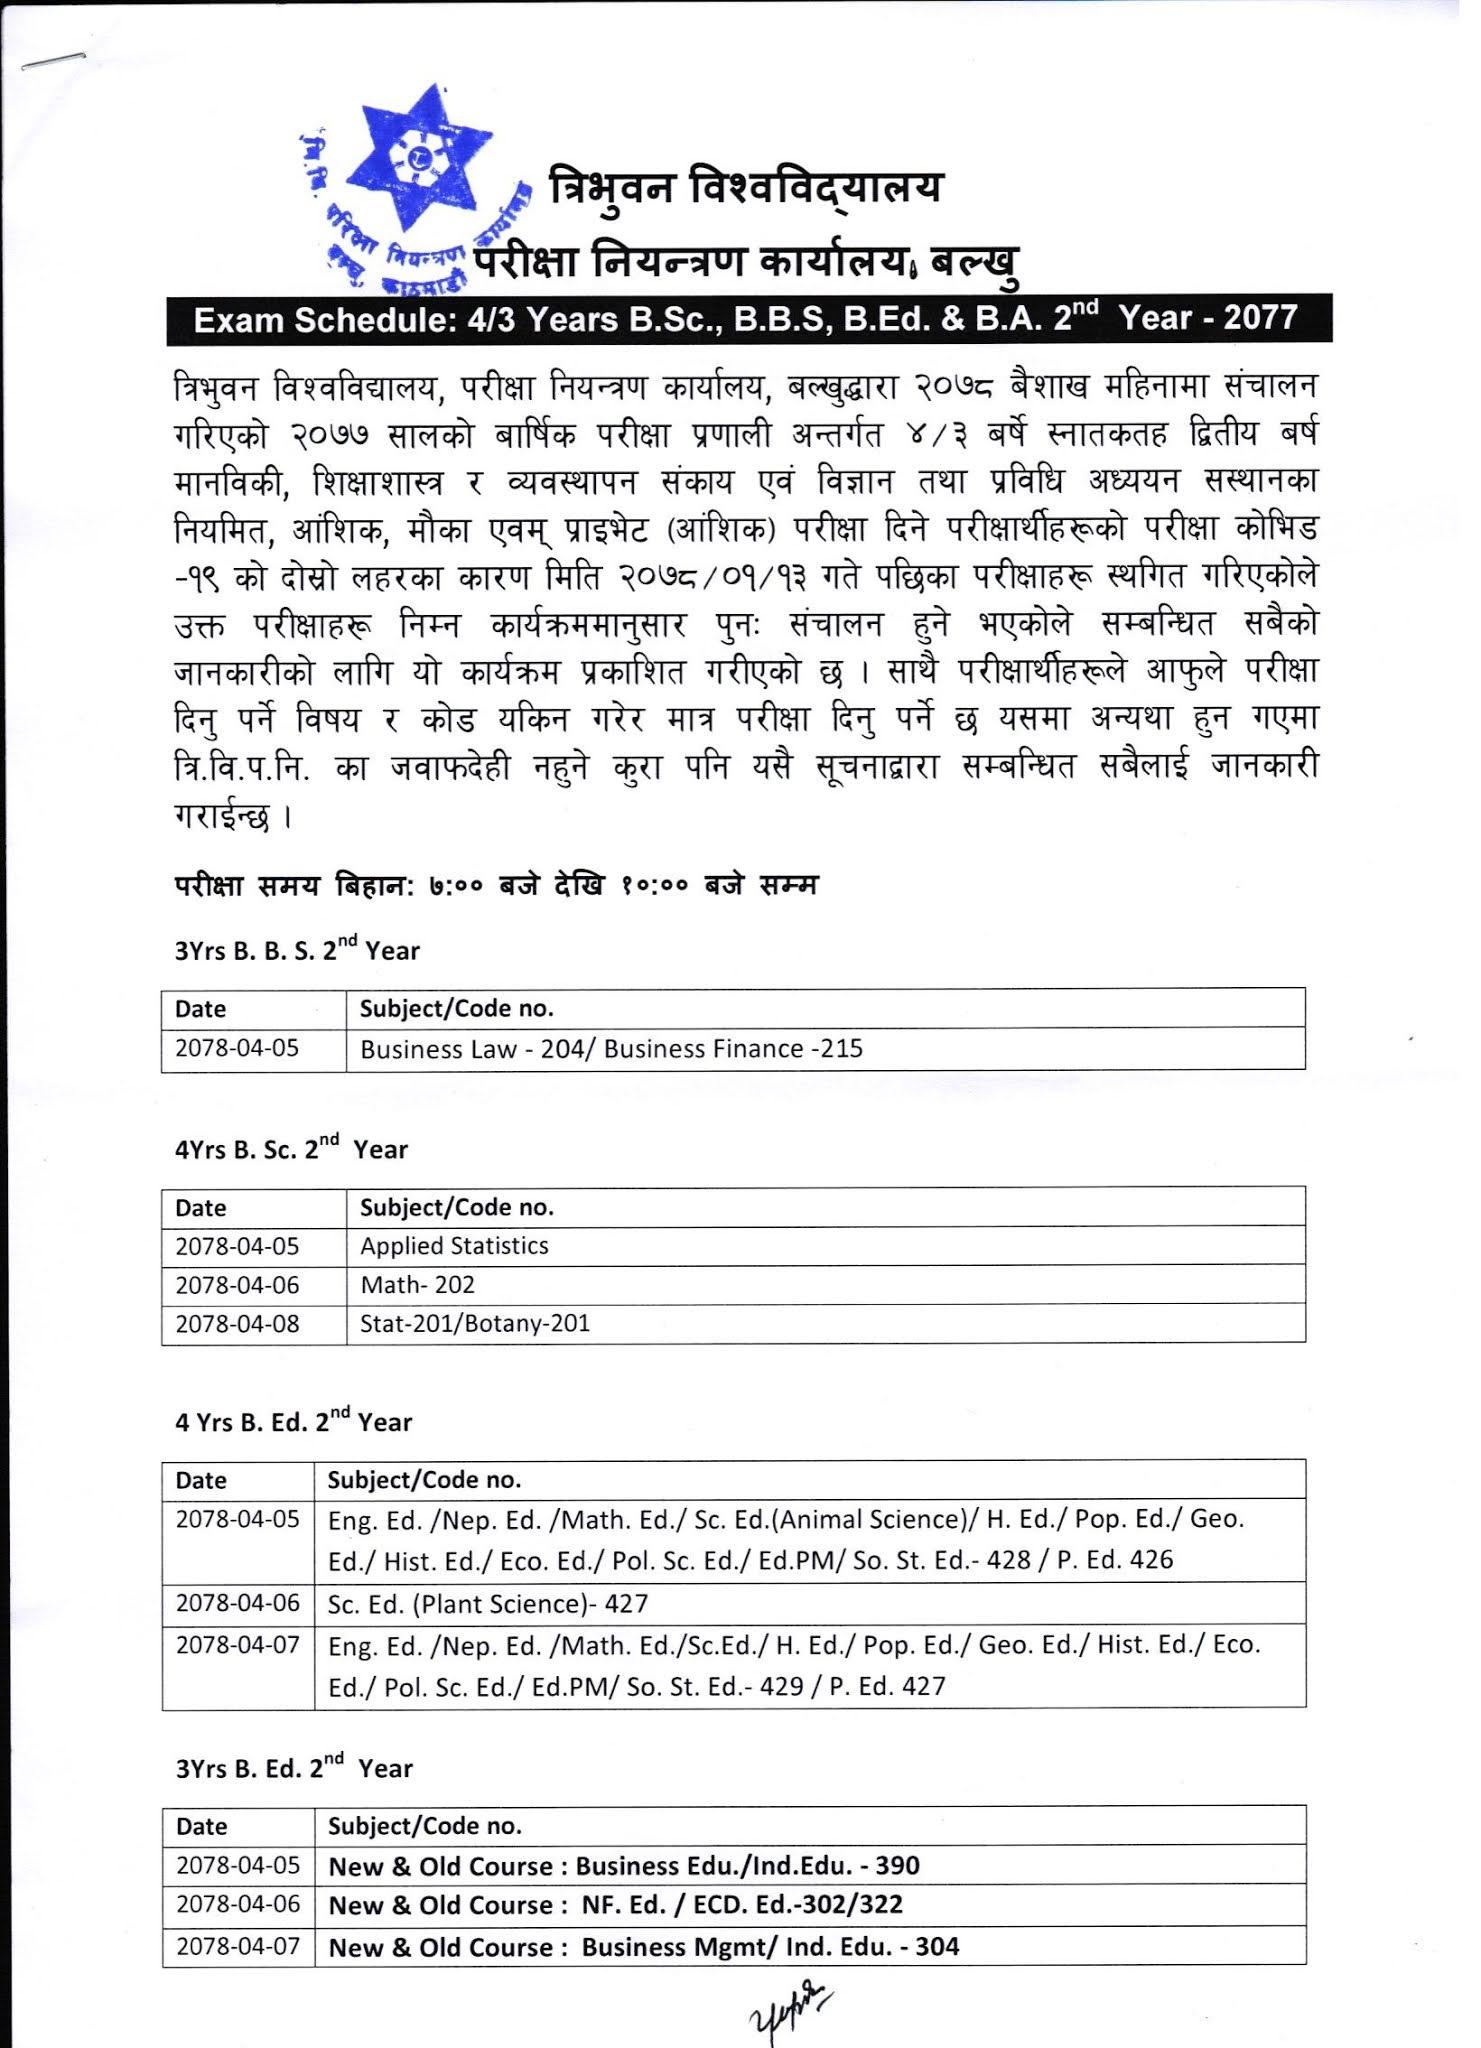 Exam Schedule 4/3 Years B.Sc., B.B.S, B.Ed. 2nd Year - 2078